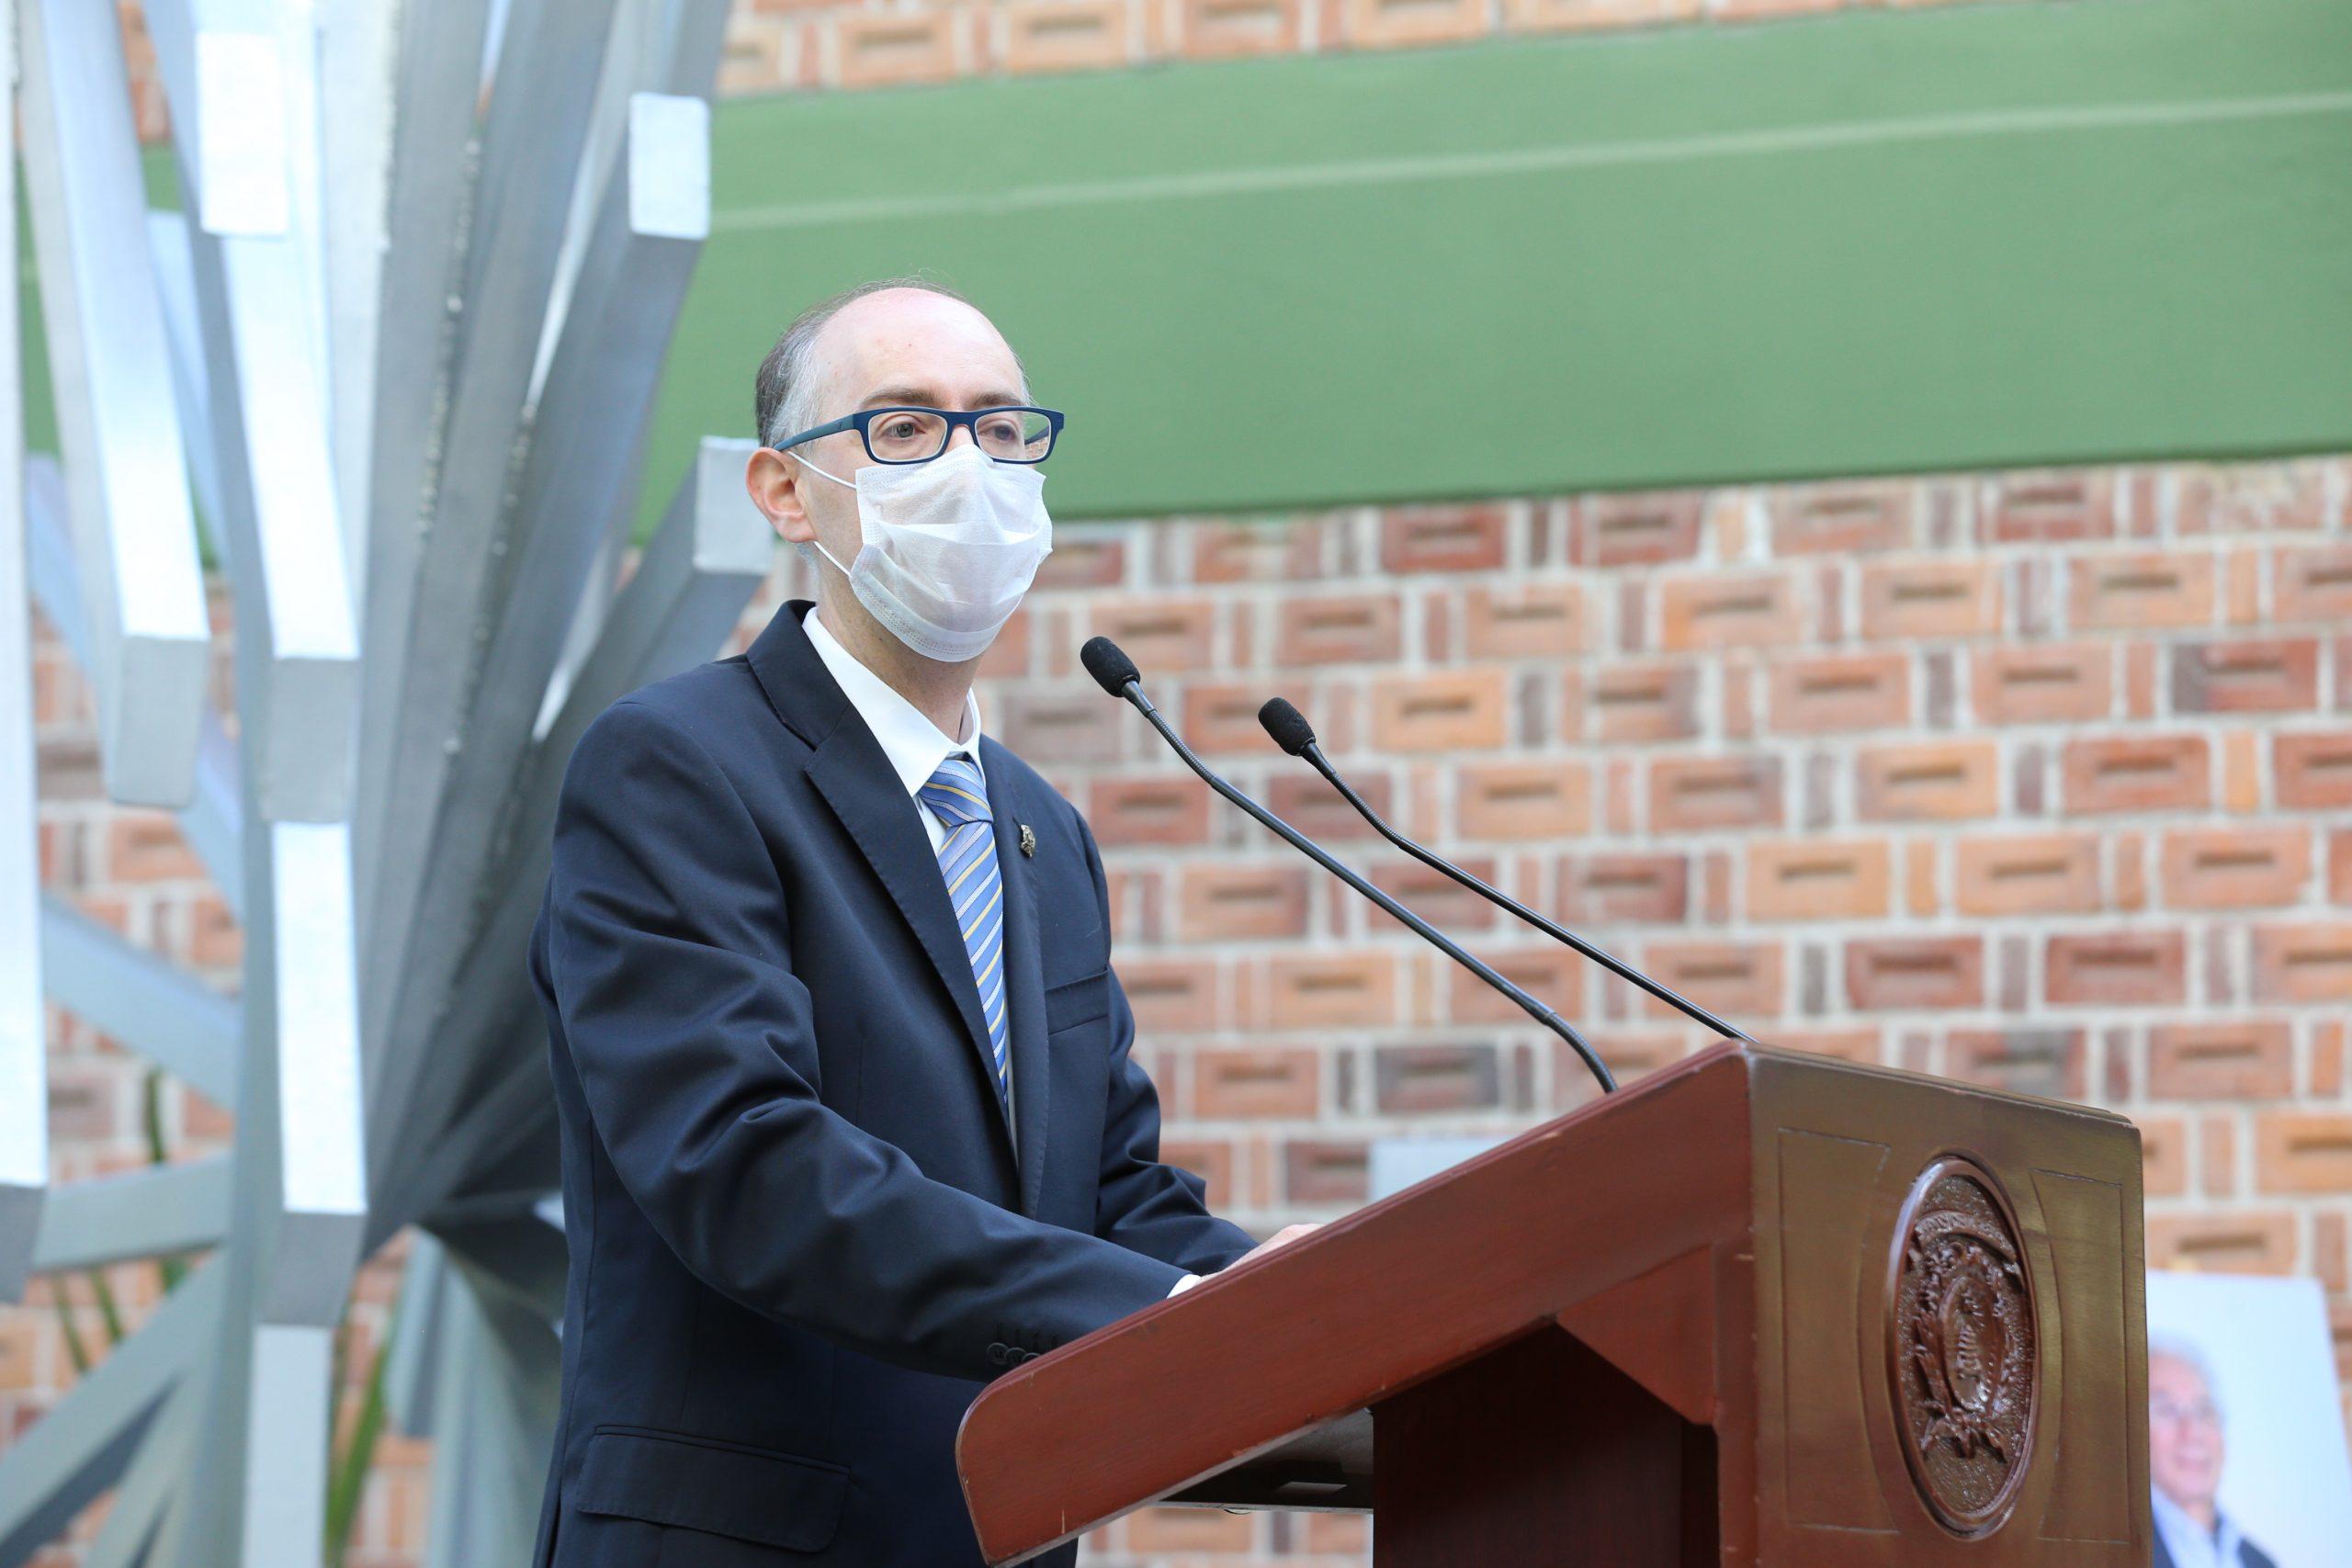 UAEM, convocada a fortalecerse como el espacio donde se privilegie el diálogo: Carlos Eduardo Barrera Díaz